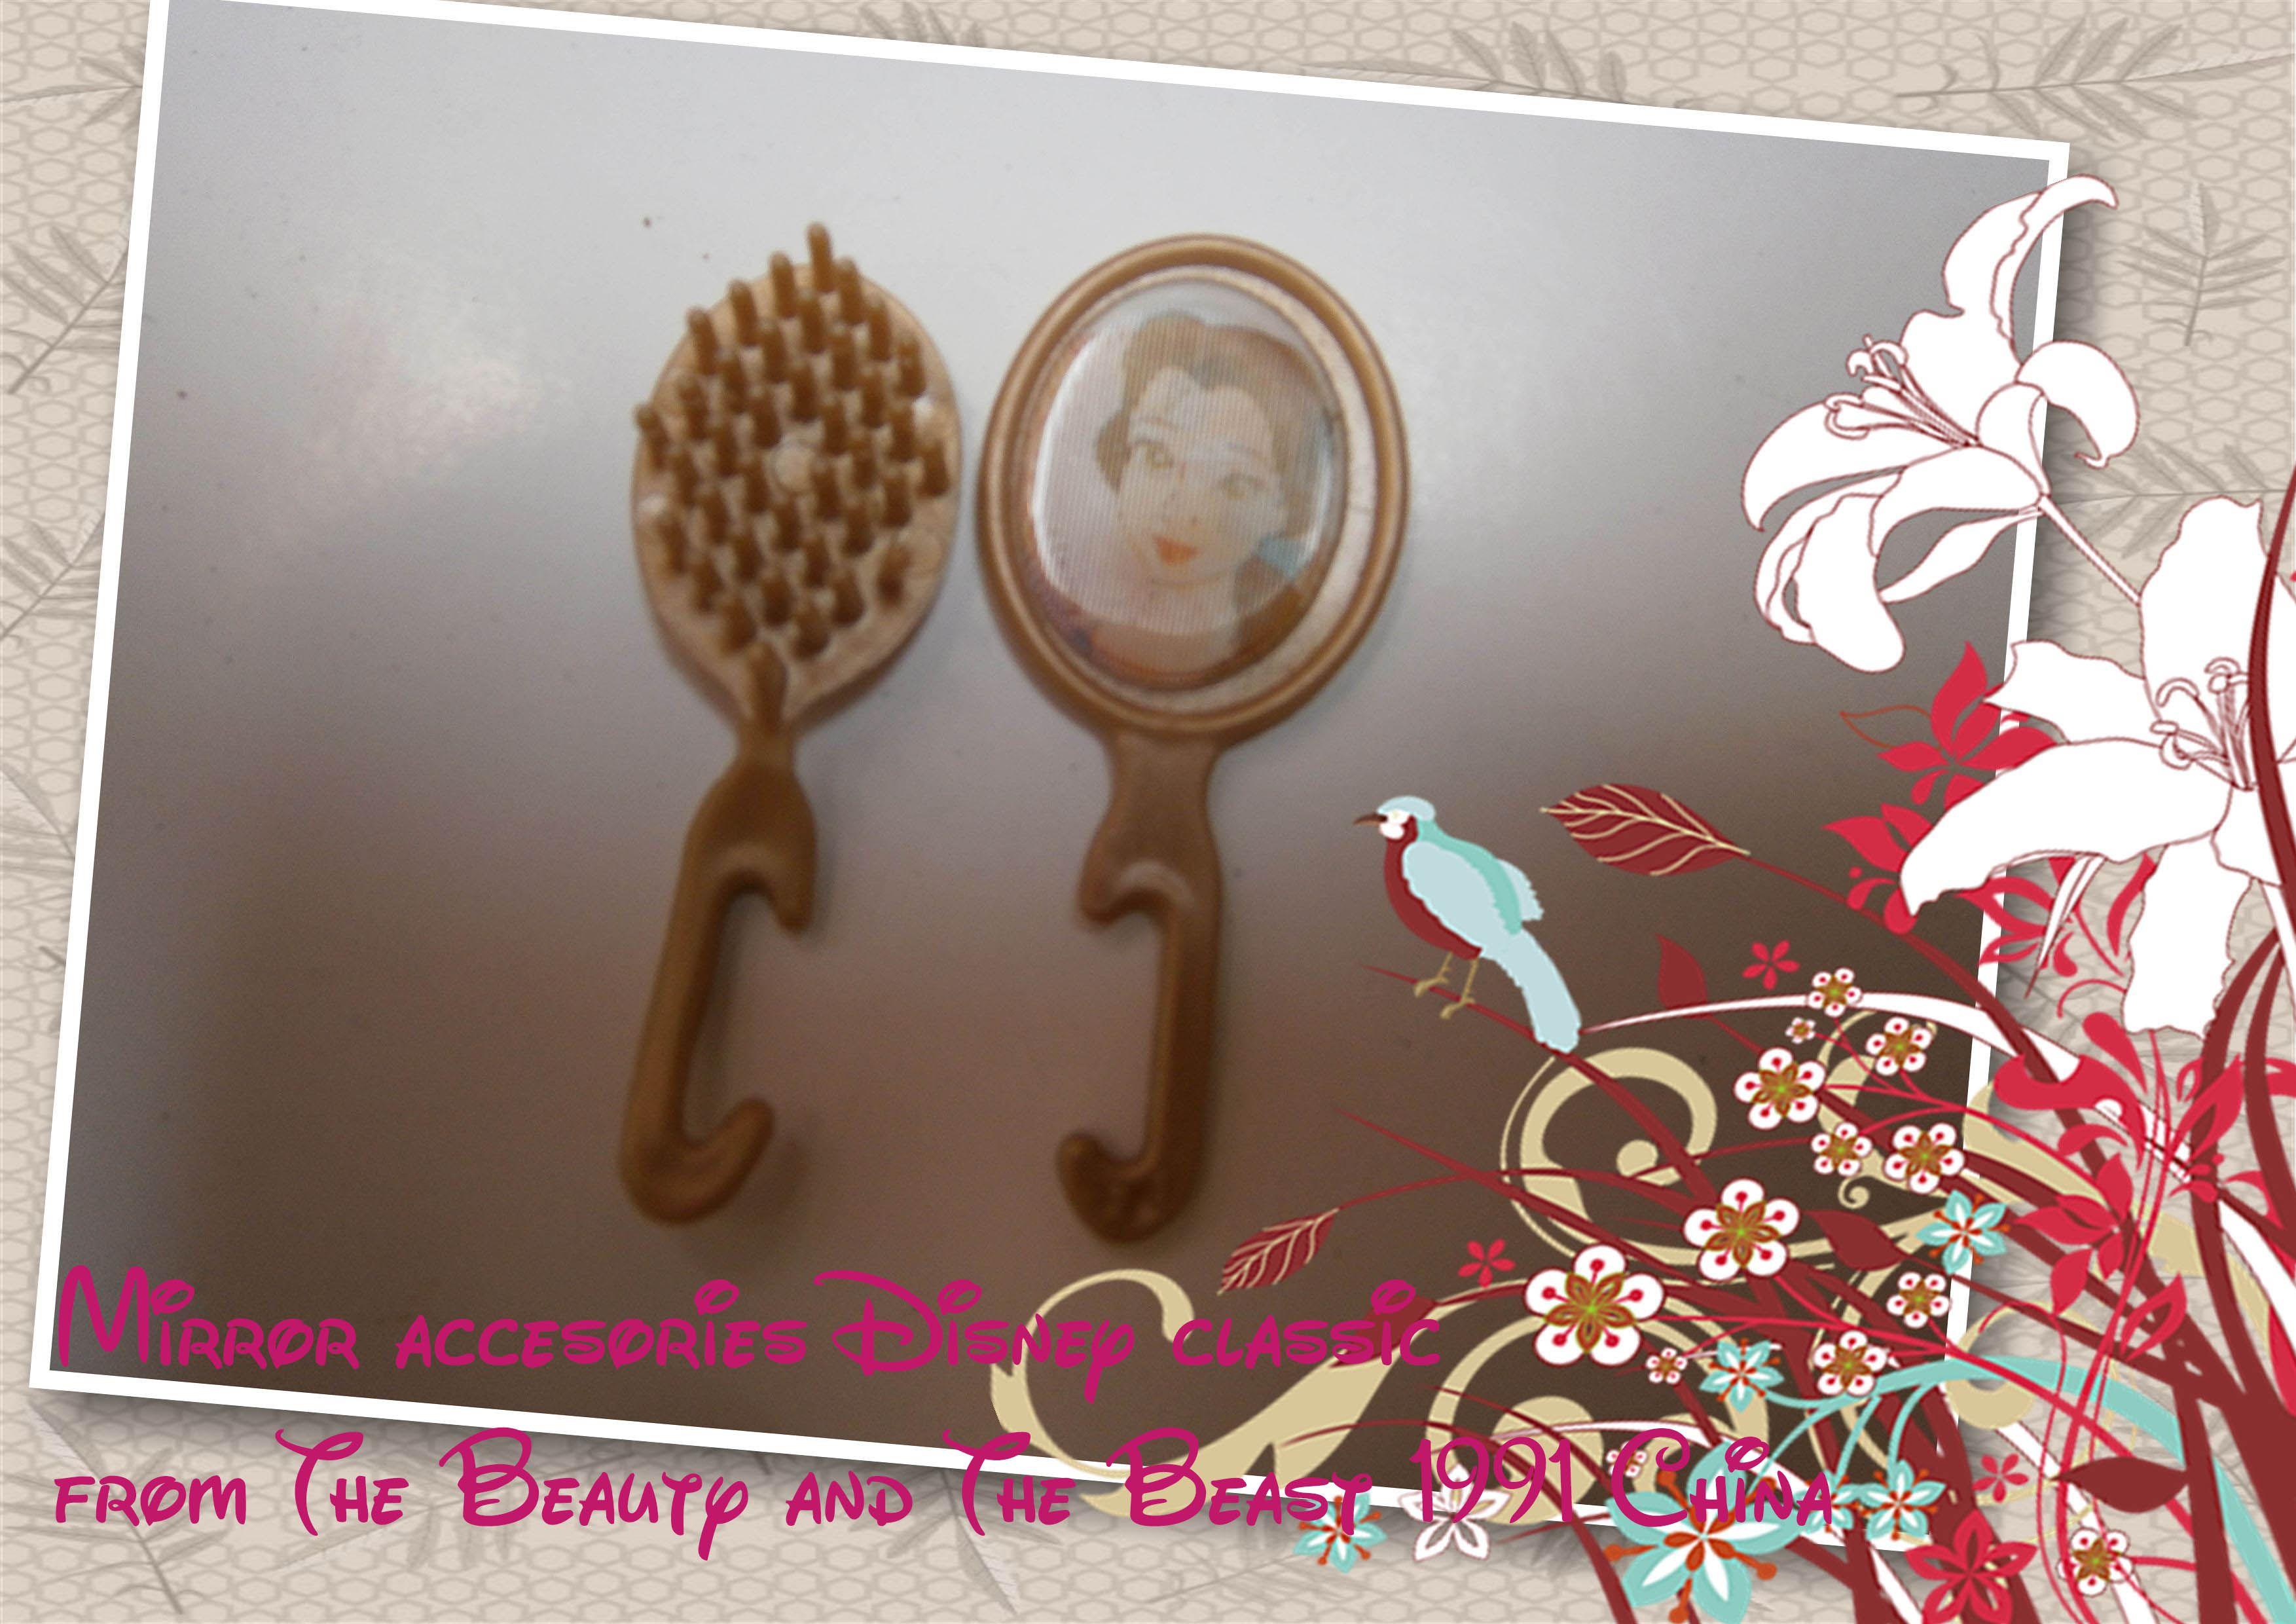 Accesorios cepillo para el pelo y espejo magico beauty and the beast barbie play sets original - Accesorios para el te ...